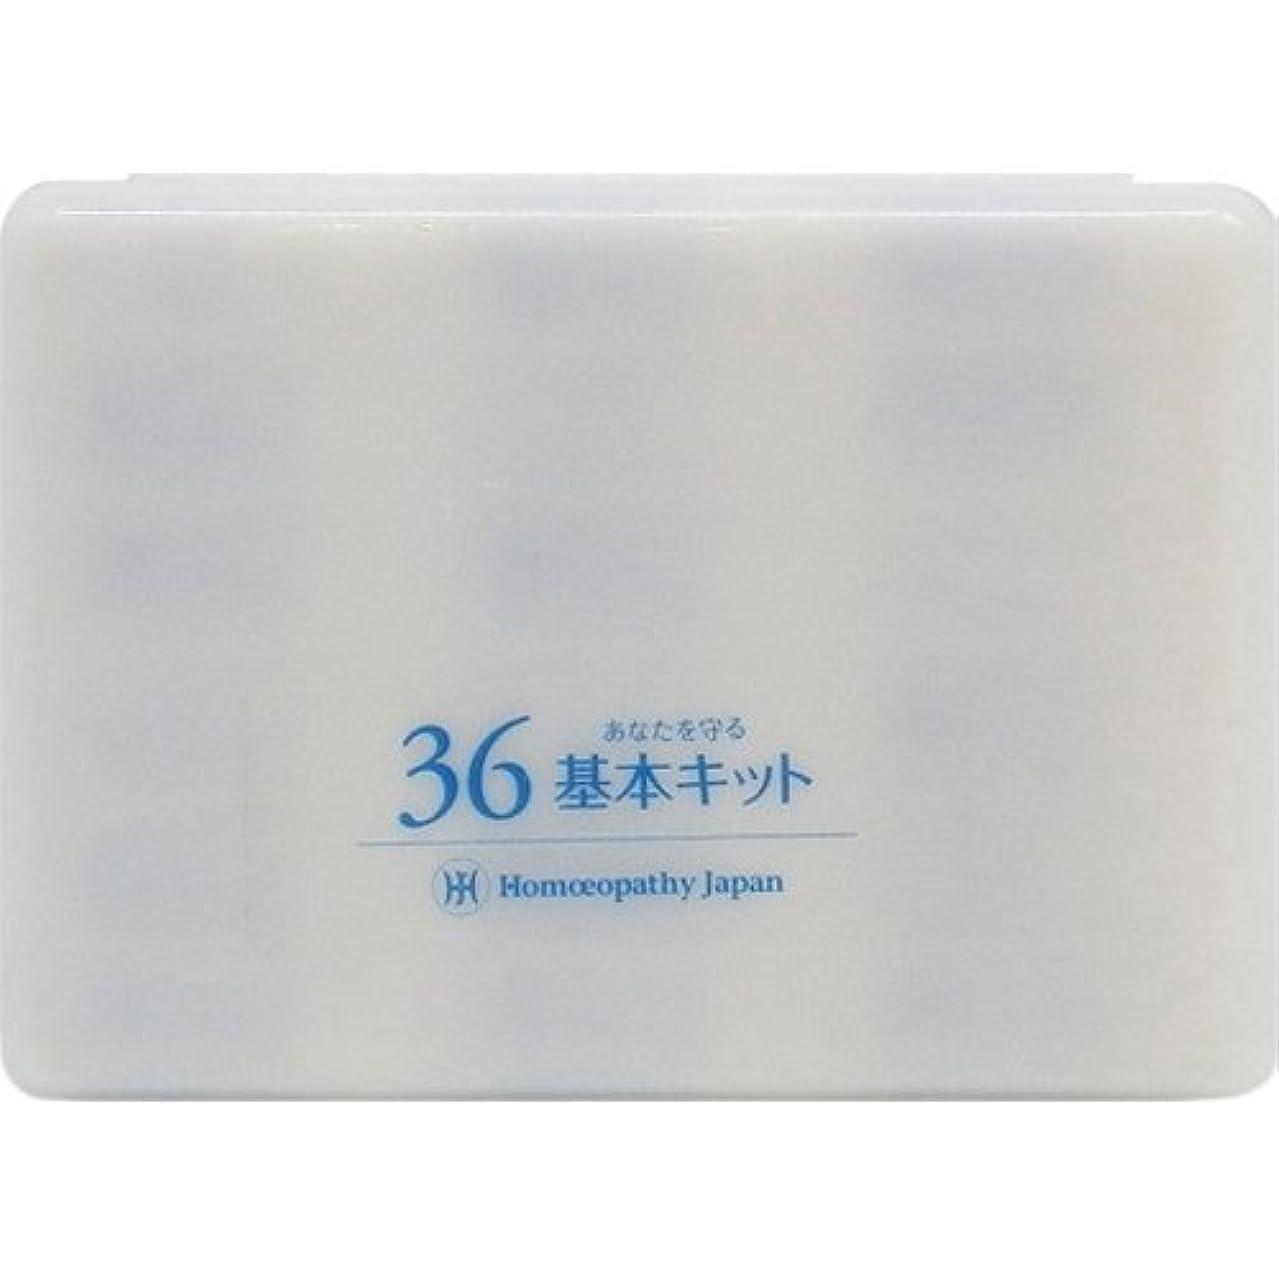 コンパイル目覚めるトレードホメオパシージャパンレメディー 新36基本キット